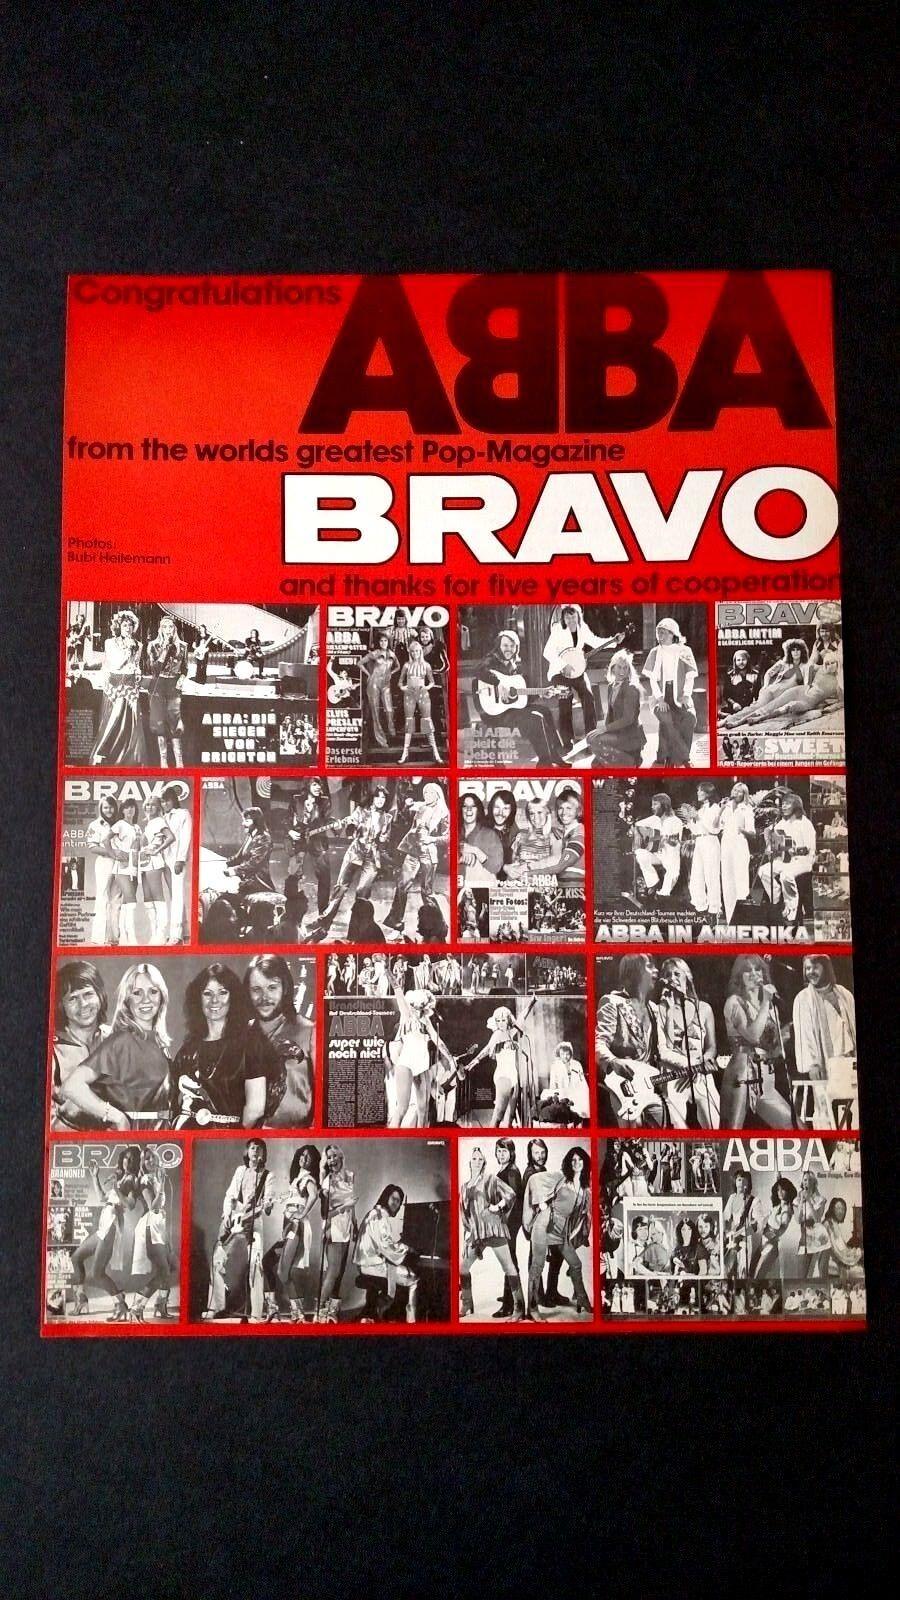 ABBA CONGRATULATIONS FROM BRAVO MAG. 1979 RARE ORIGINAL PRINT PROMO POSTER AD